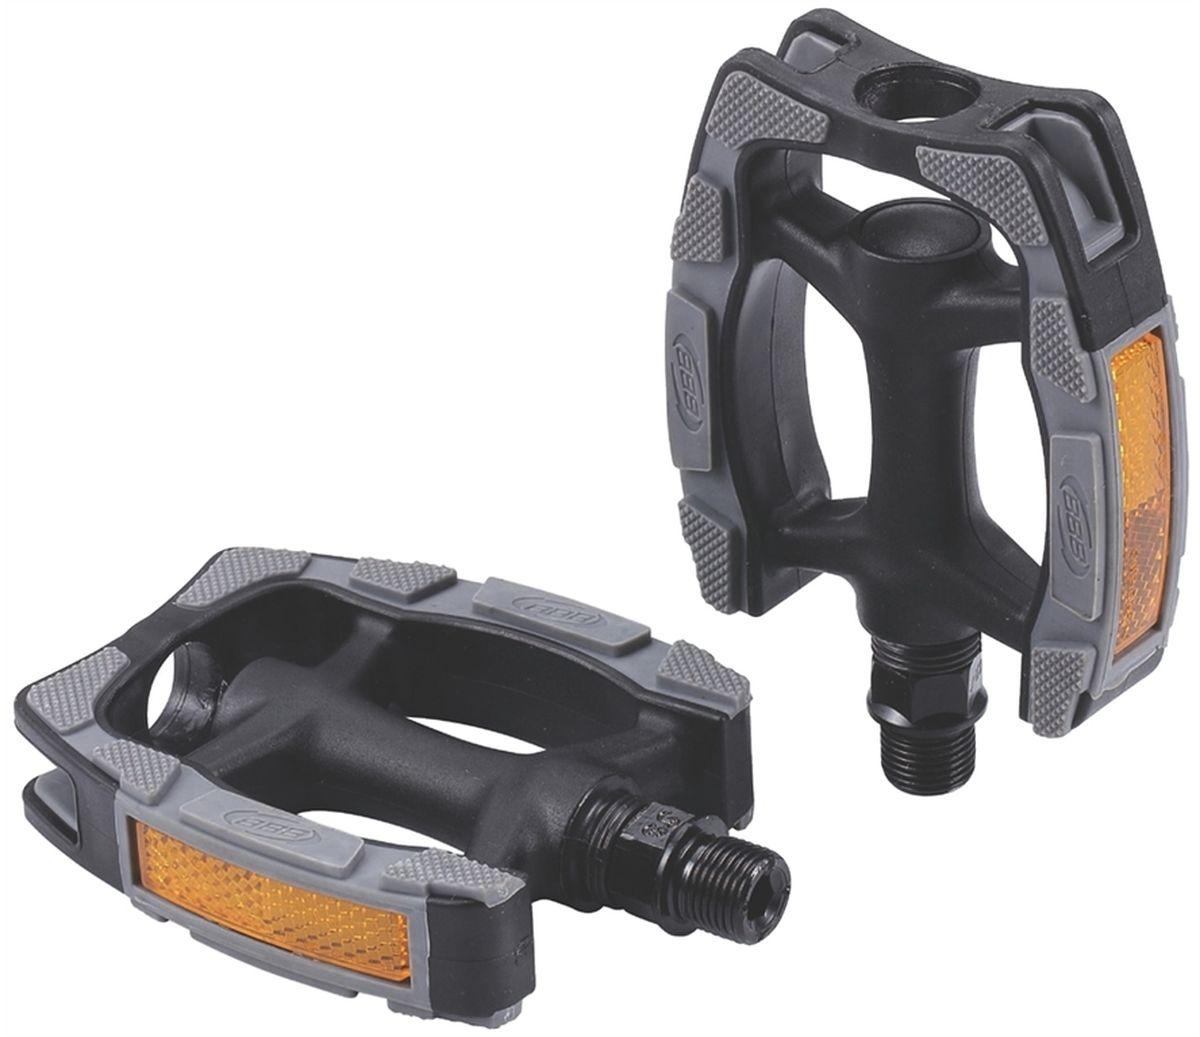 Педали BBB Trekking EasyTrek II, 2 шт7292Высокопрочные одноэлементные педали BBB Trekking EasyTrek II выполнены из композитного материала с нескользящим резиновым покрытием. Встроенные светоотражатели обеспечивают лучшую видимость в темноте. Прочная ось выполнена из бористой стали.